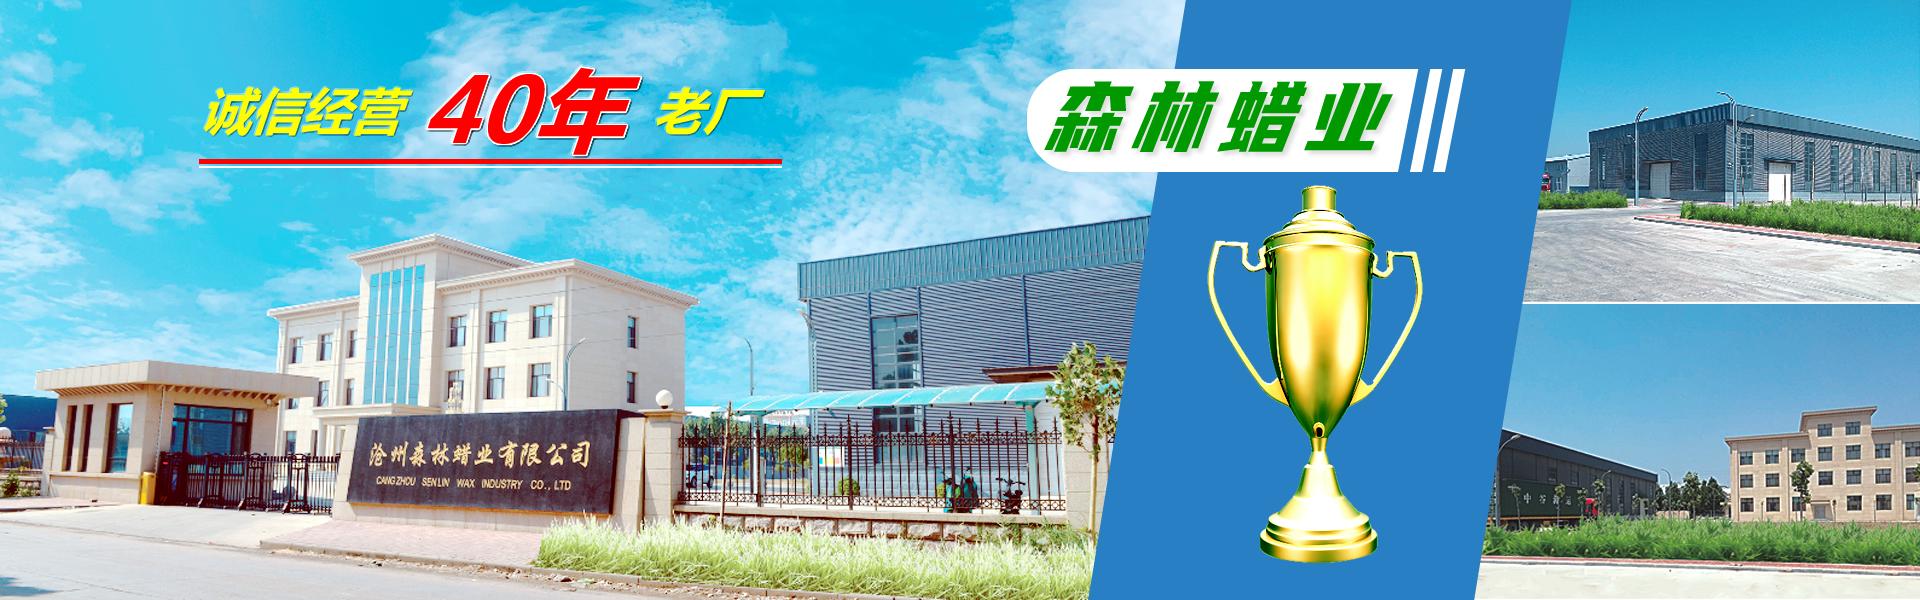 微晶蜡生产厂家,专注经营40年老厂